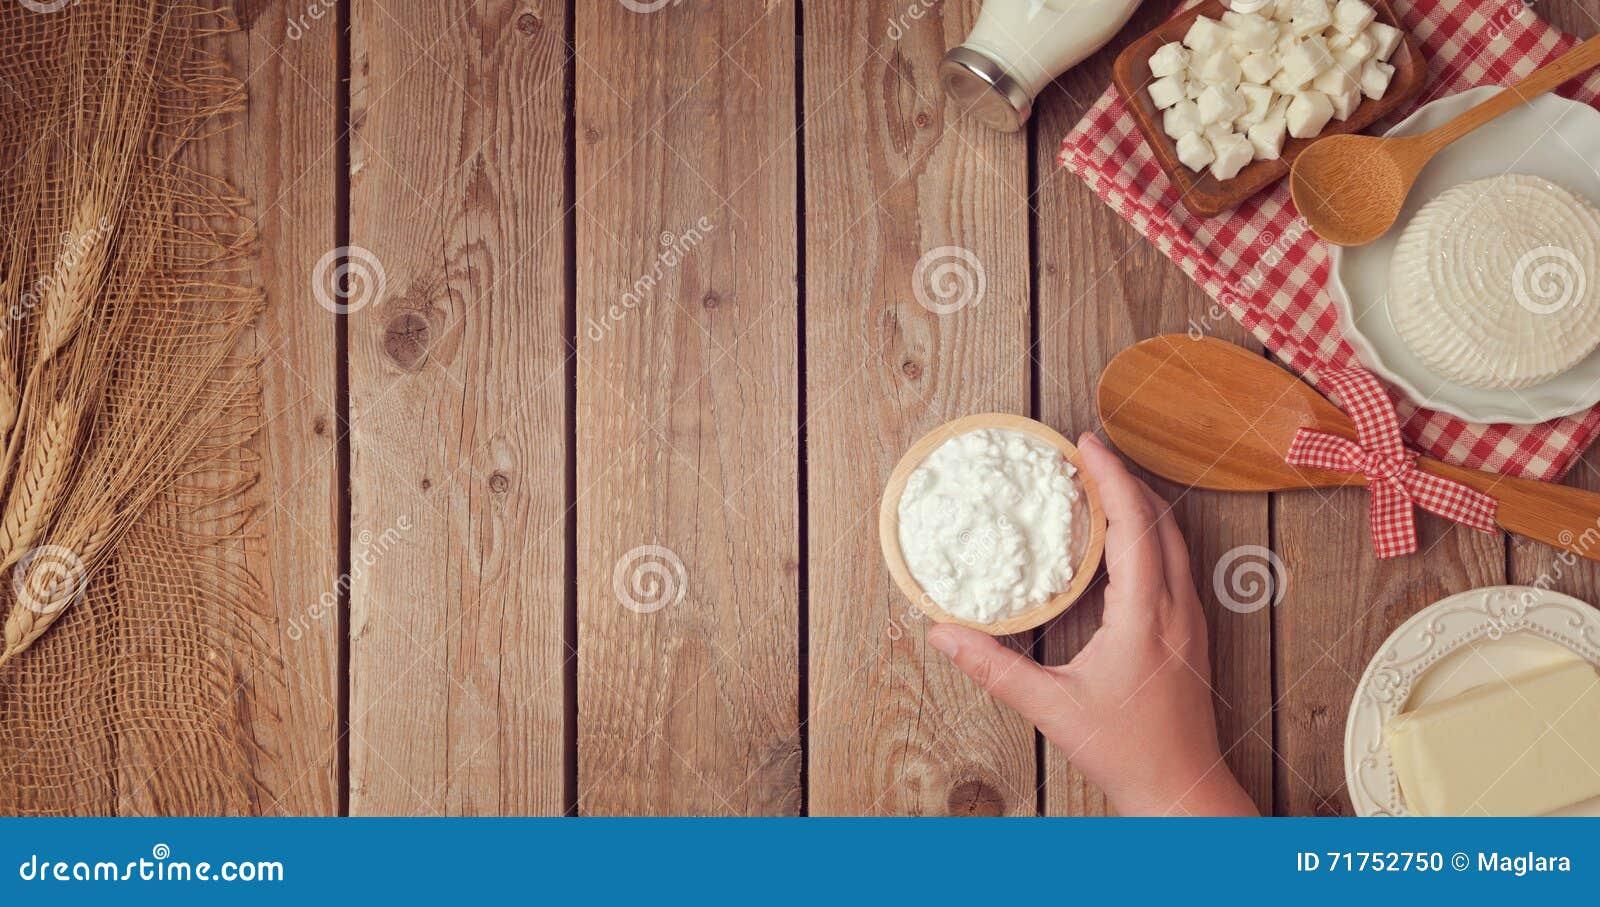 Αγροτικά φρέσκα γαλακτοκομικά προϊόντα στο ξύλινο υπόβαθρο κατανάλωση έννοιας υγιής